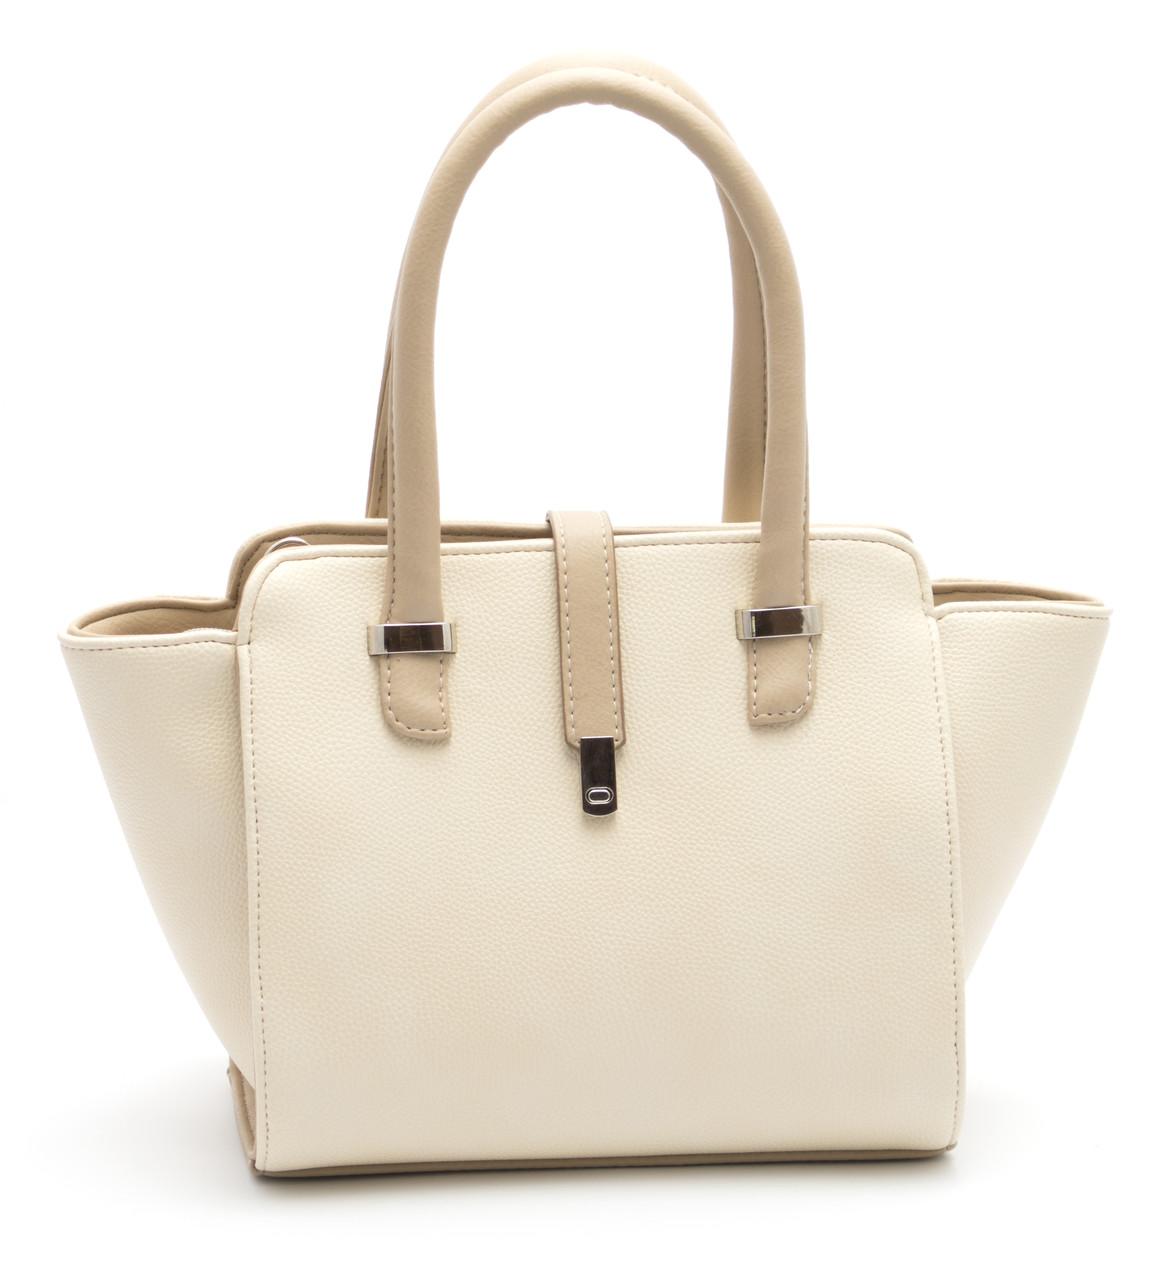 Стильная женская сумка бежевого цвета B.Elit art. 06-16